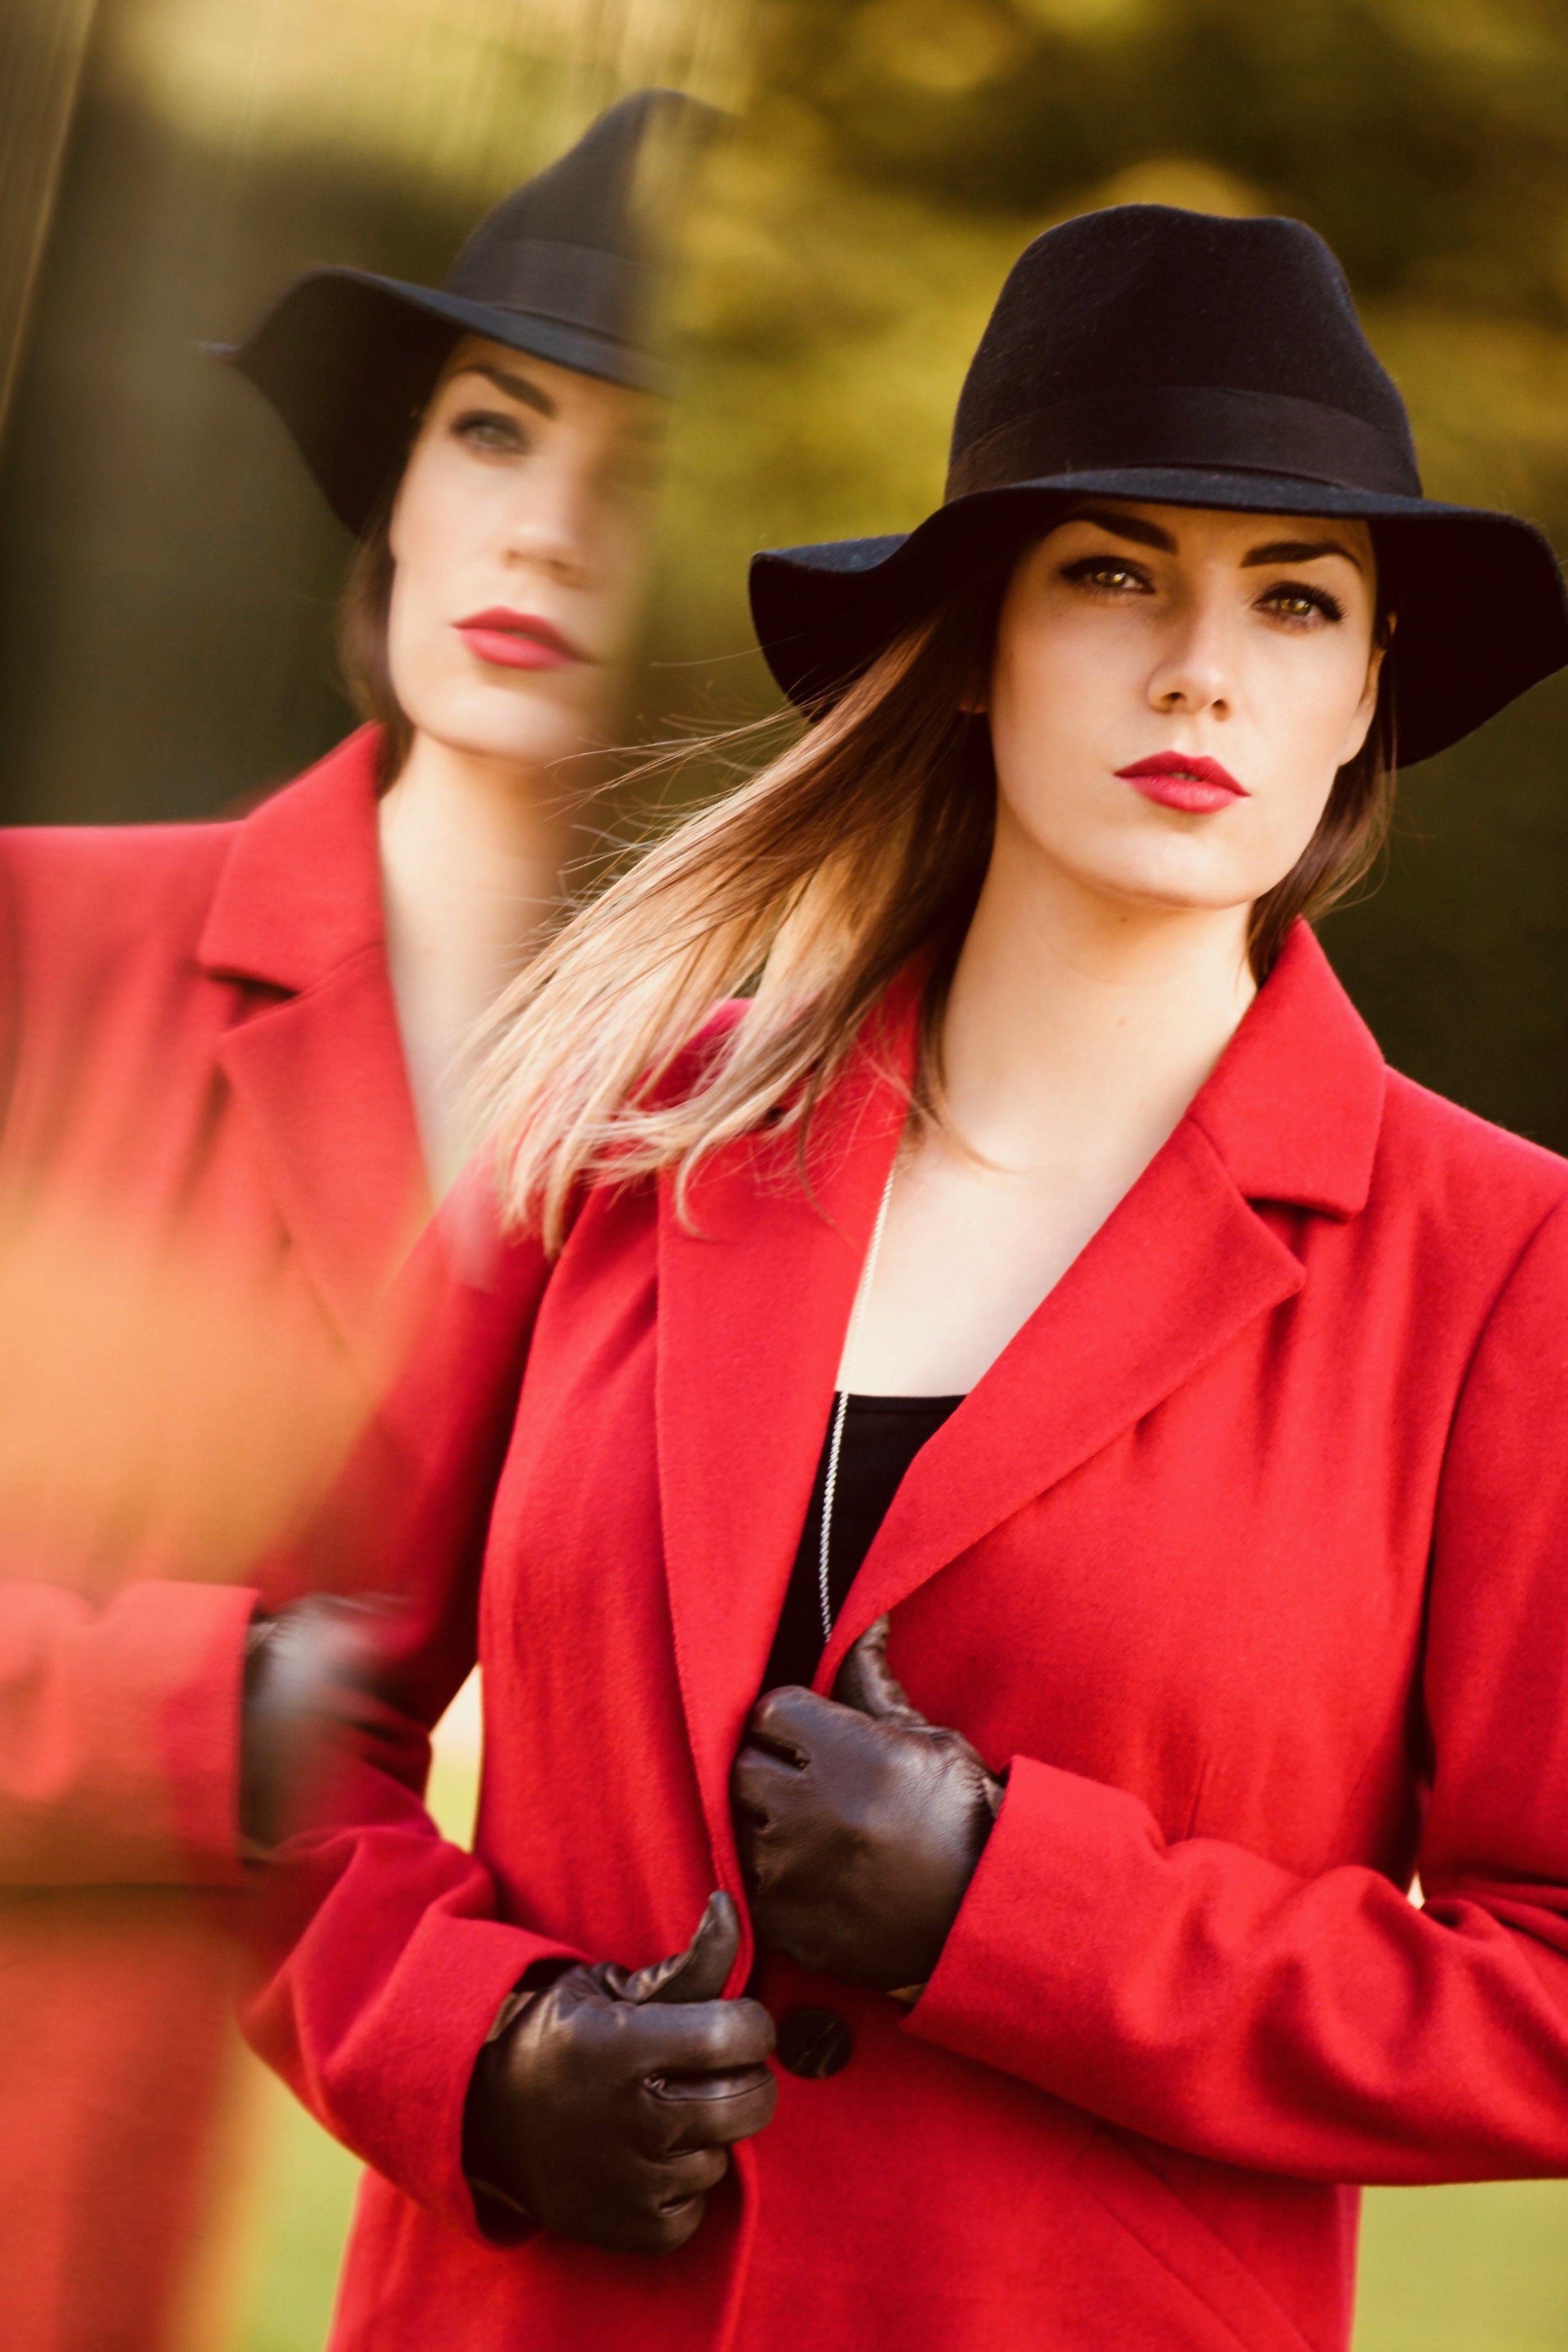 derek_dunlop_photographer_Marissa_model_team (19 of 30).jpg